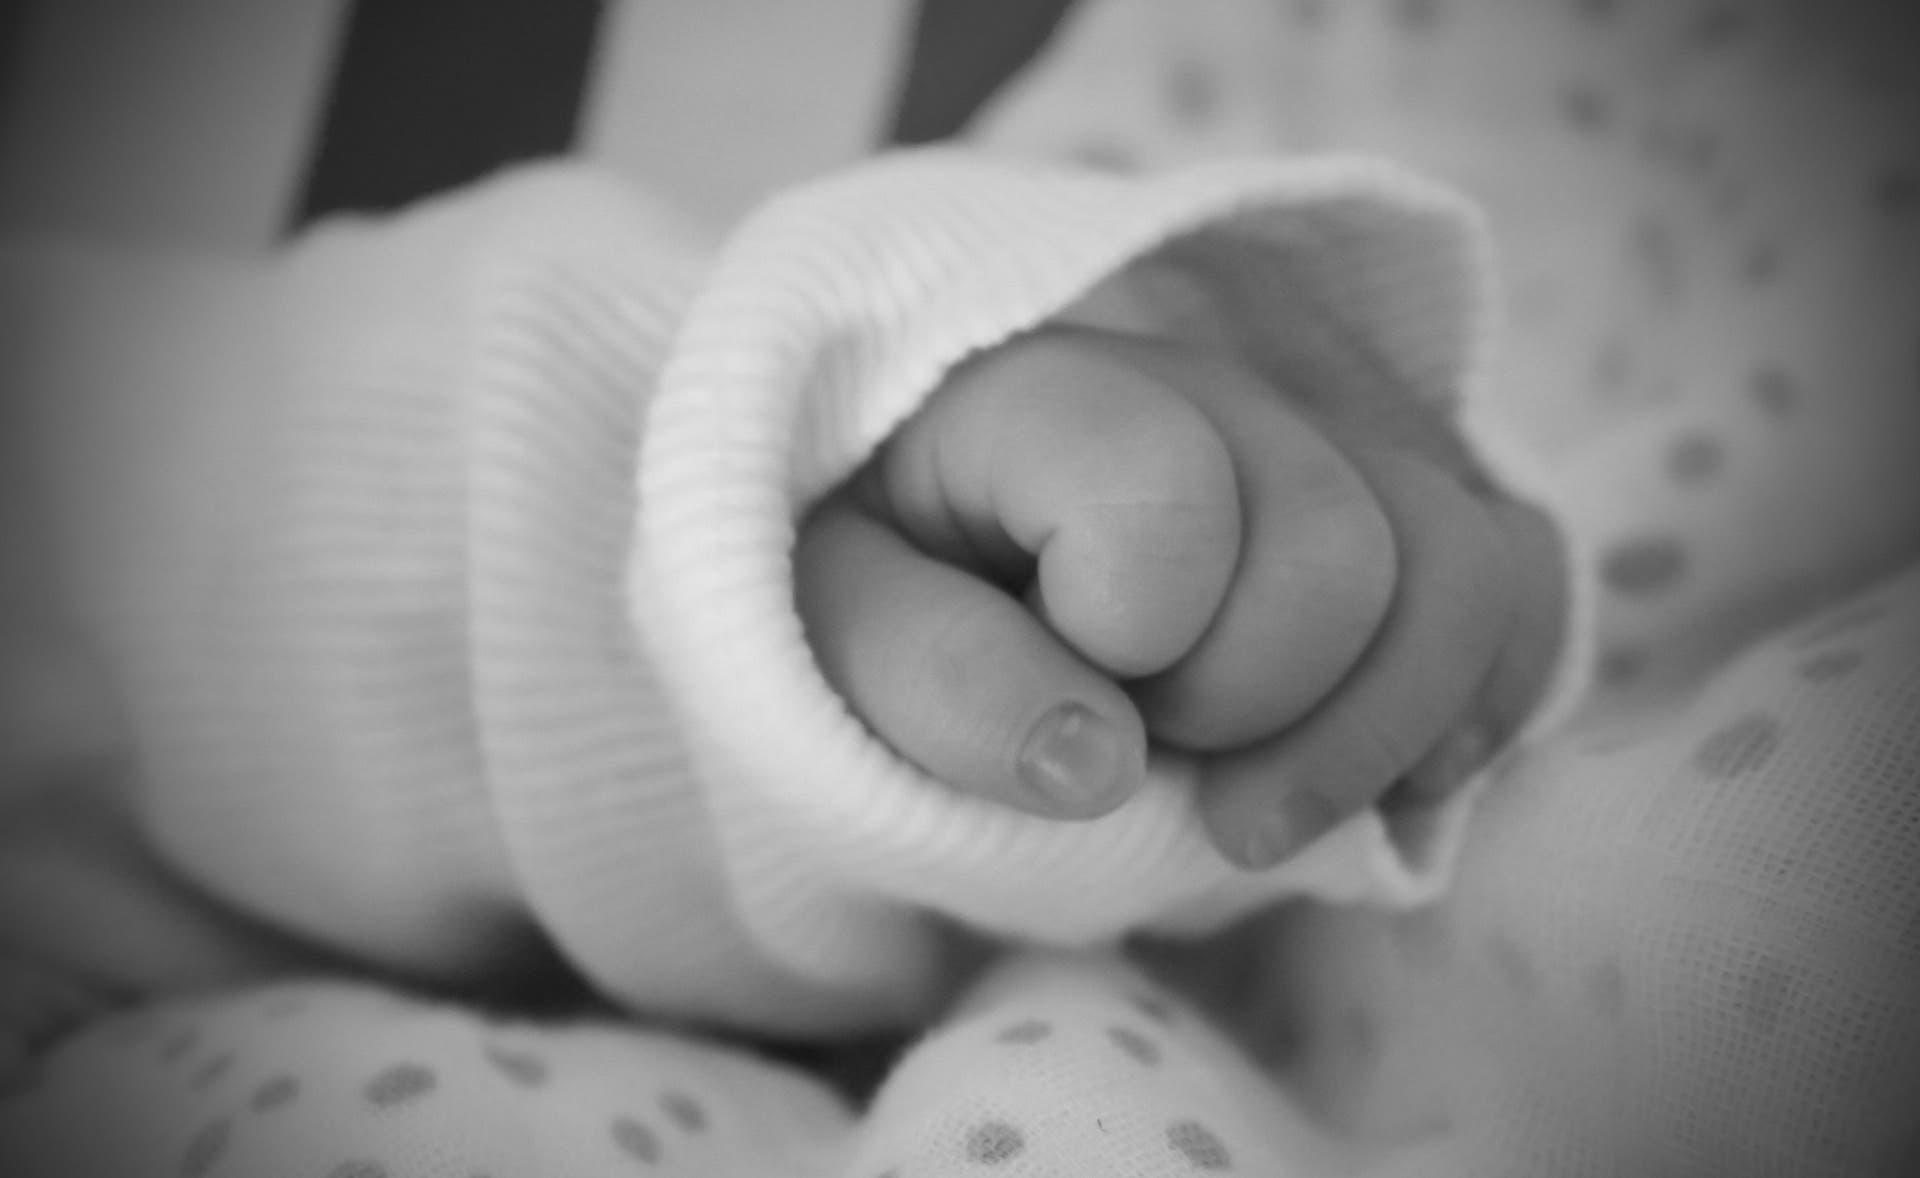 Mamá asfixia a su bebé y muere